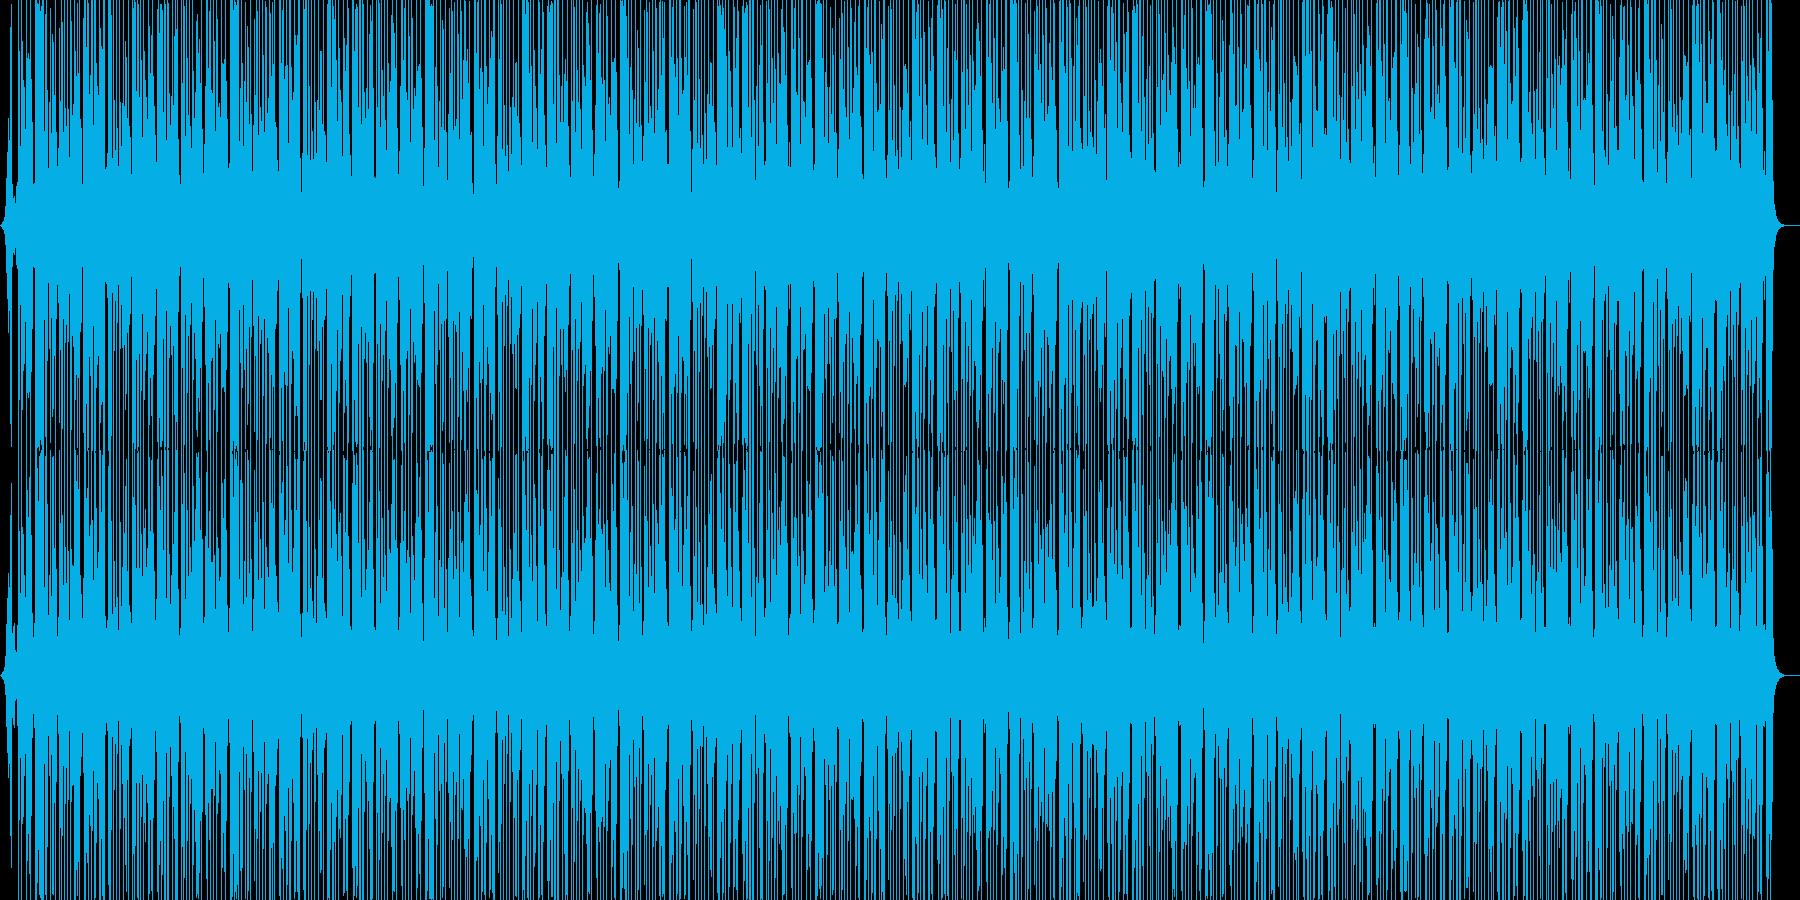 ジャングルBGM(メロ無し)の再生済みの波形